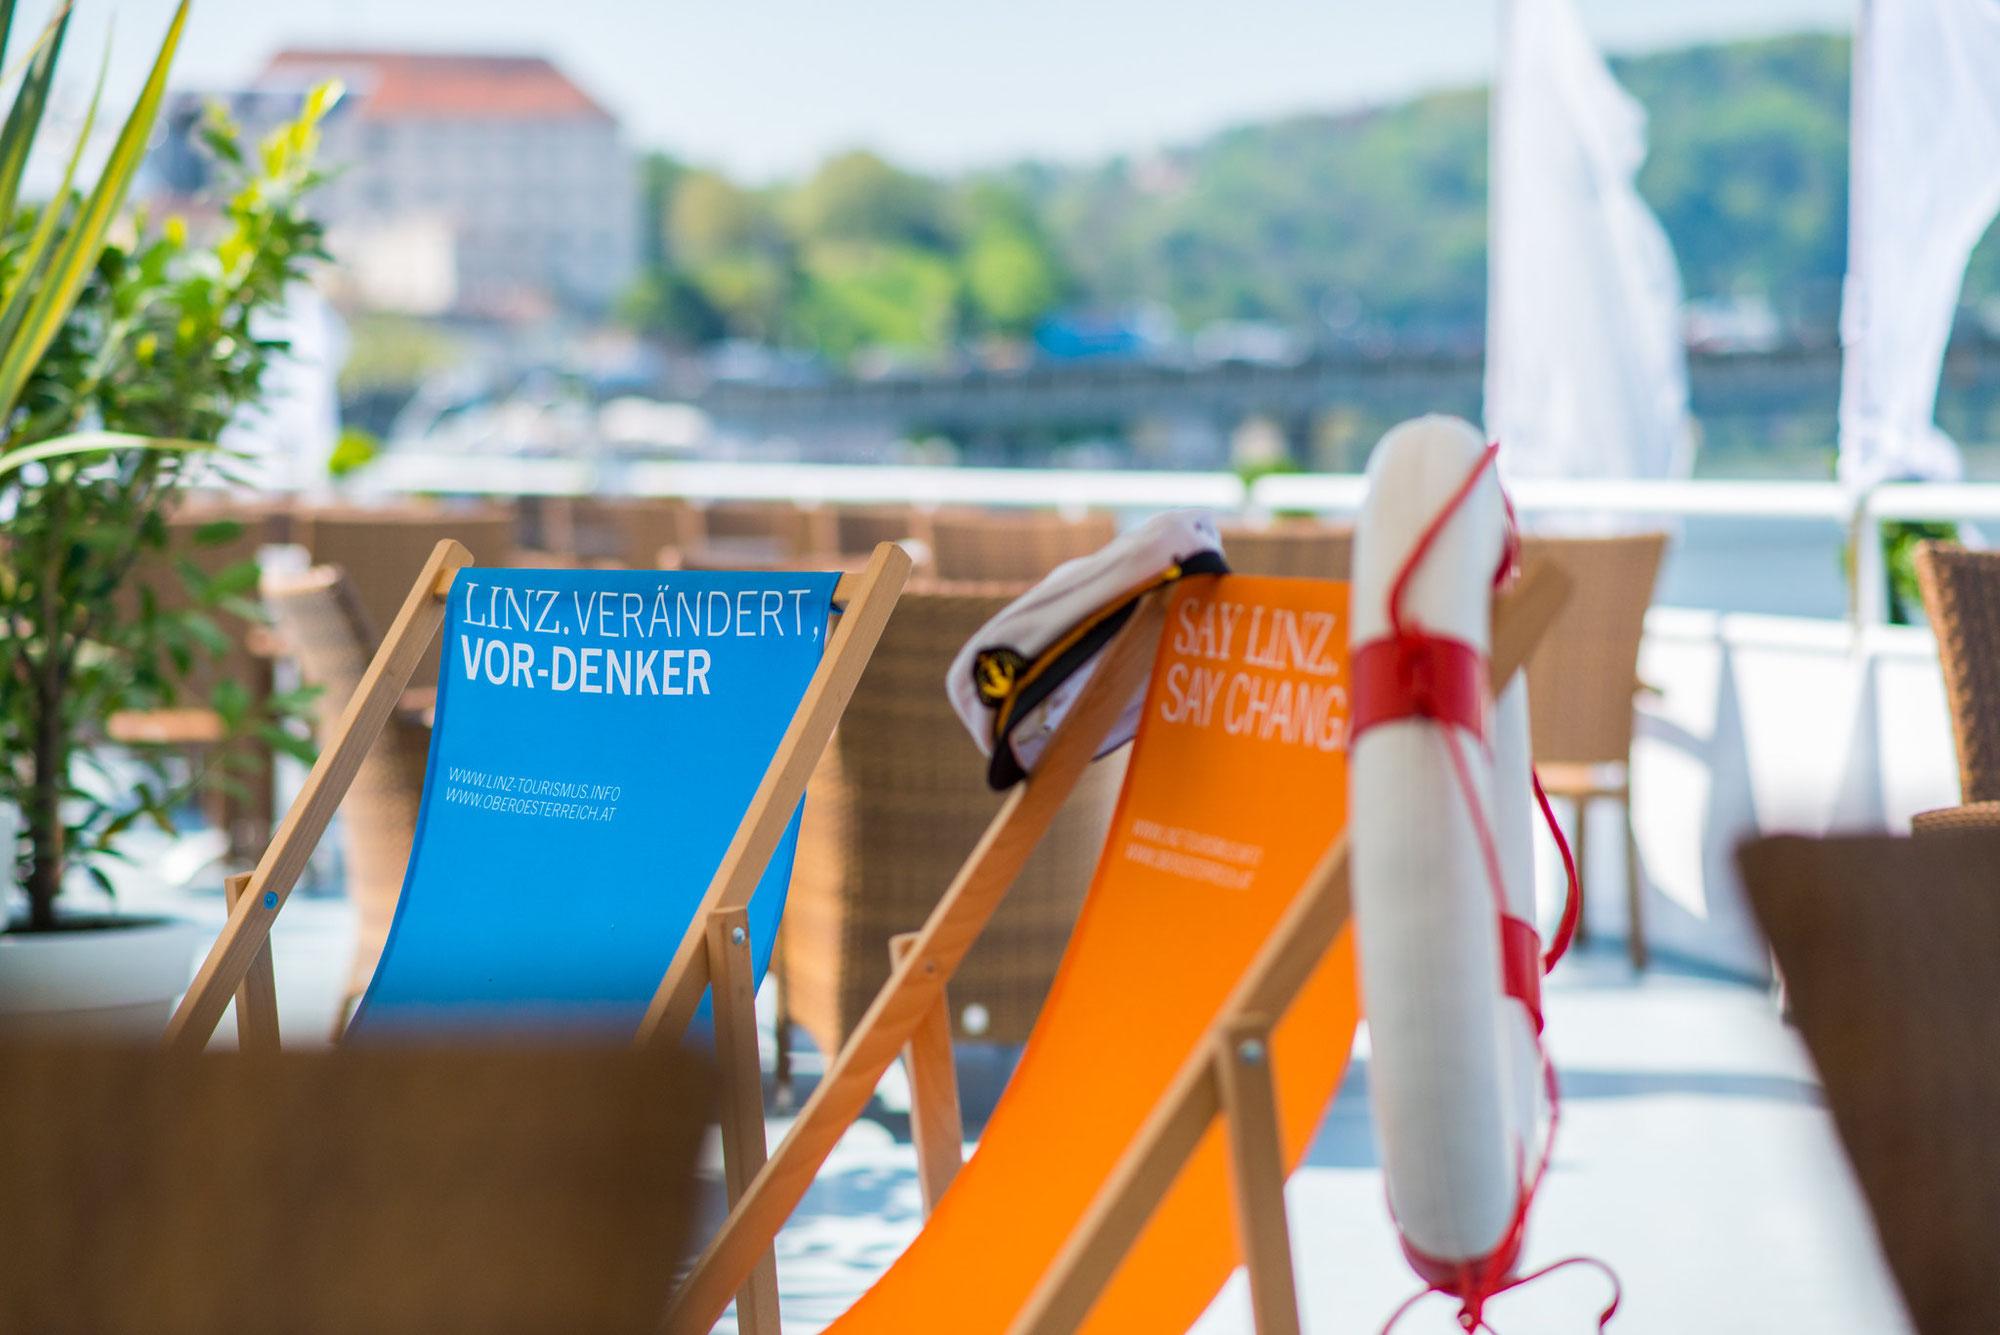 Linzben elstartolt az EU-konform online turisztikai élménygenerátor